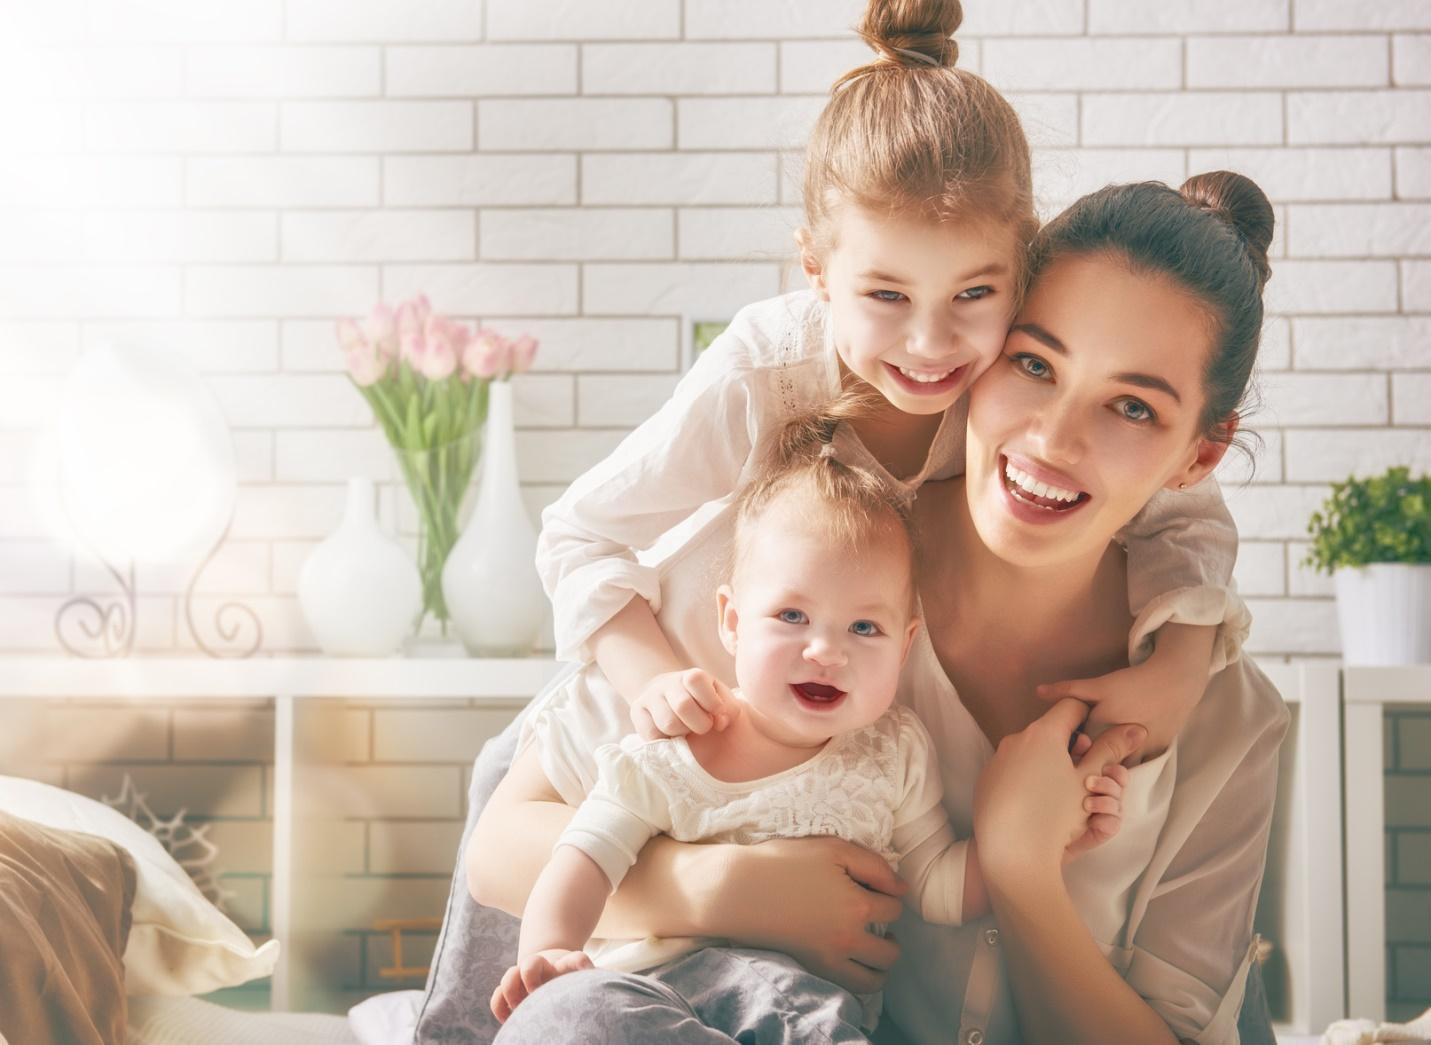 Почему трое детей - легче, чем один: 7 доводов от многодетнымх мам